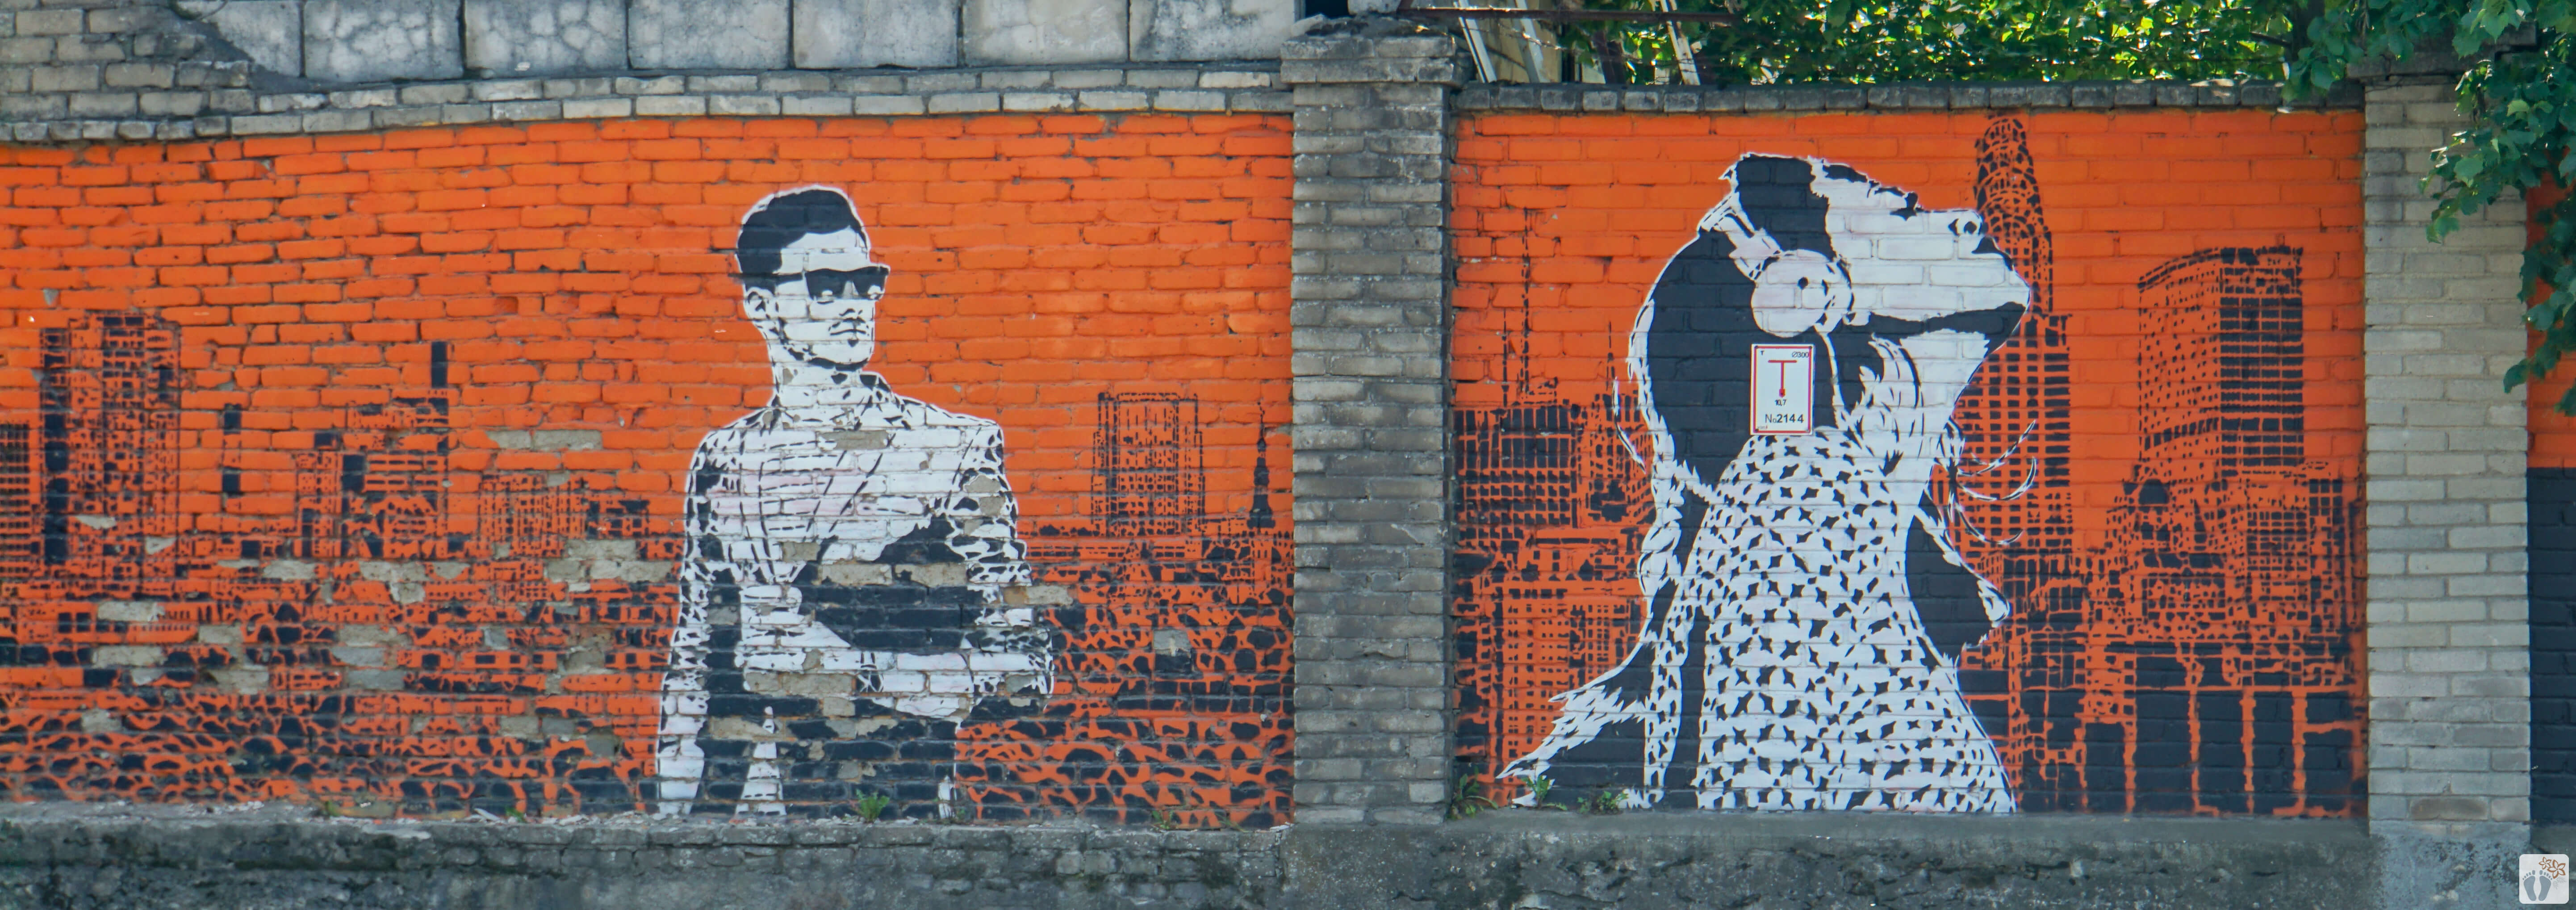 Street-Art #Personen#_Tallinn - Estland